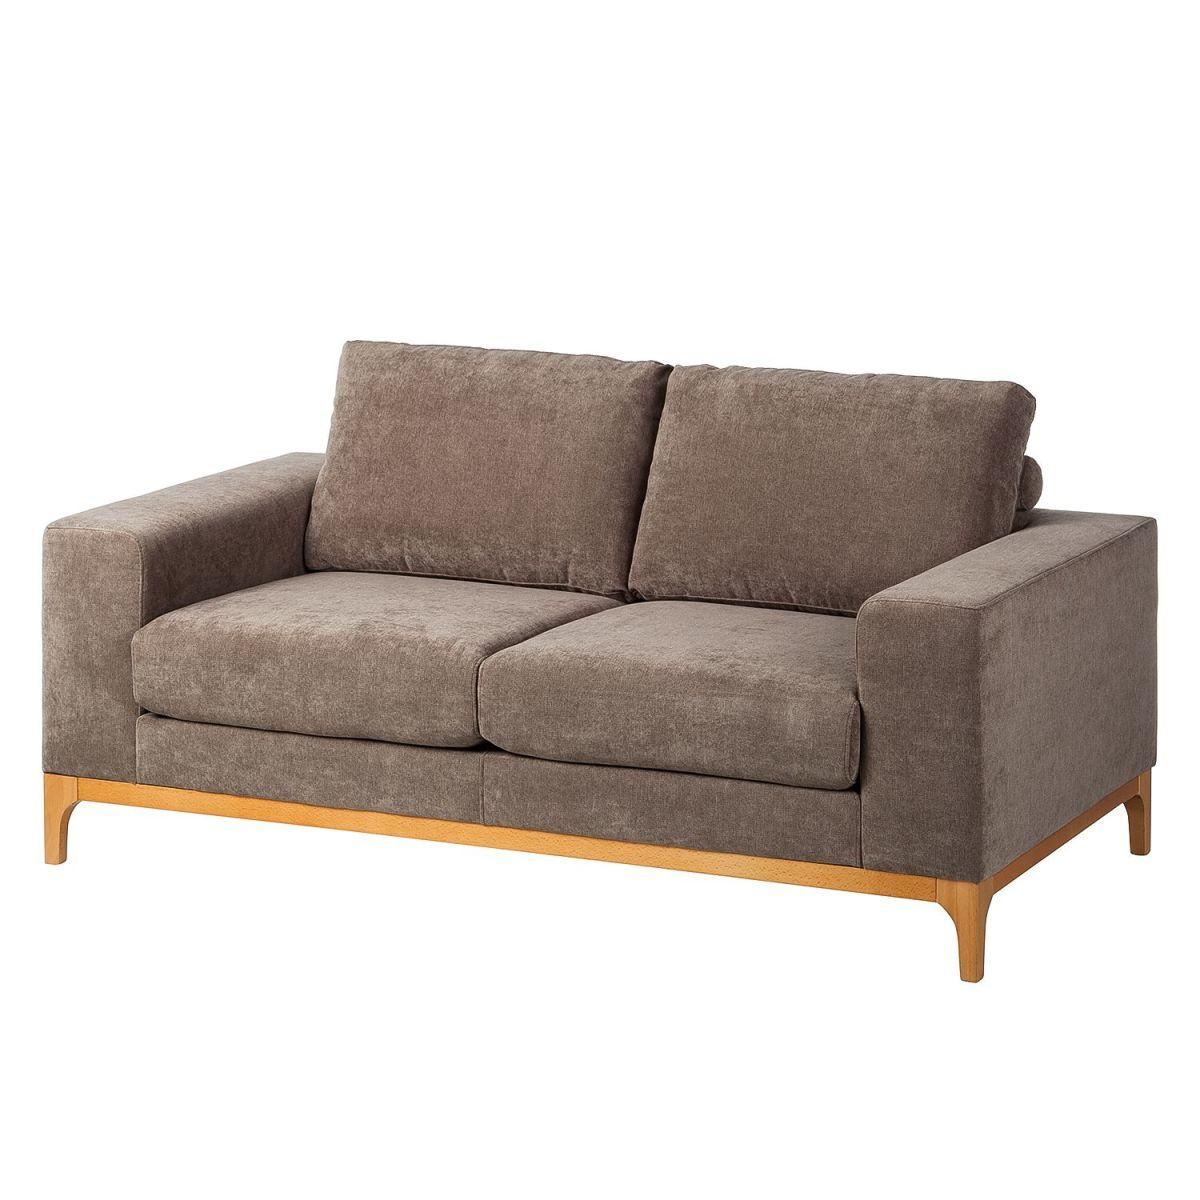 Sofa Campina (2-Sitzer) - Microfaser - Kokosnuss Braun, Ars Natura ...